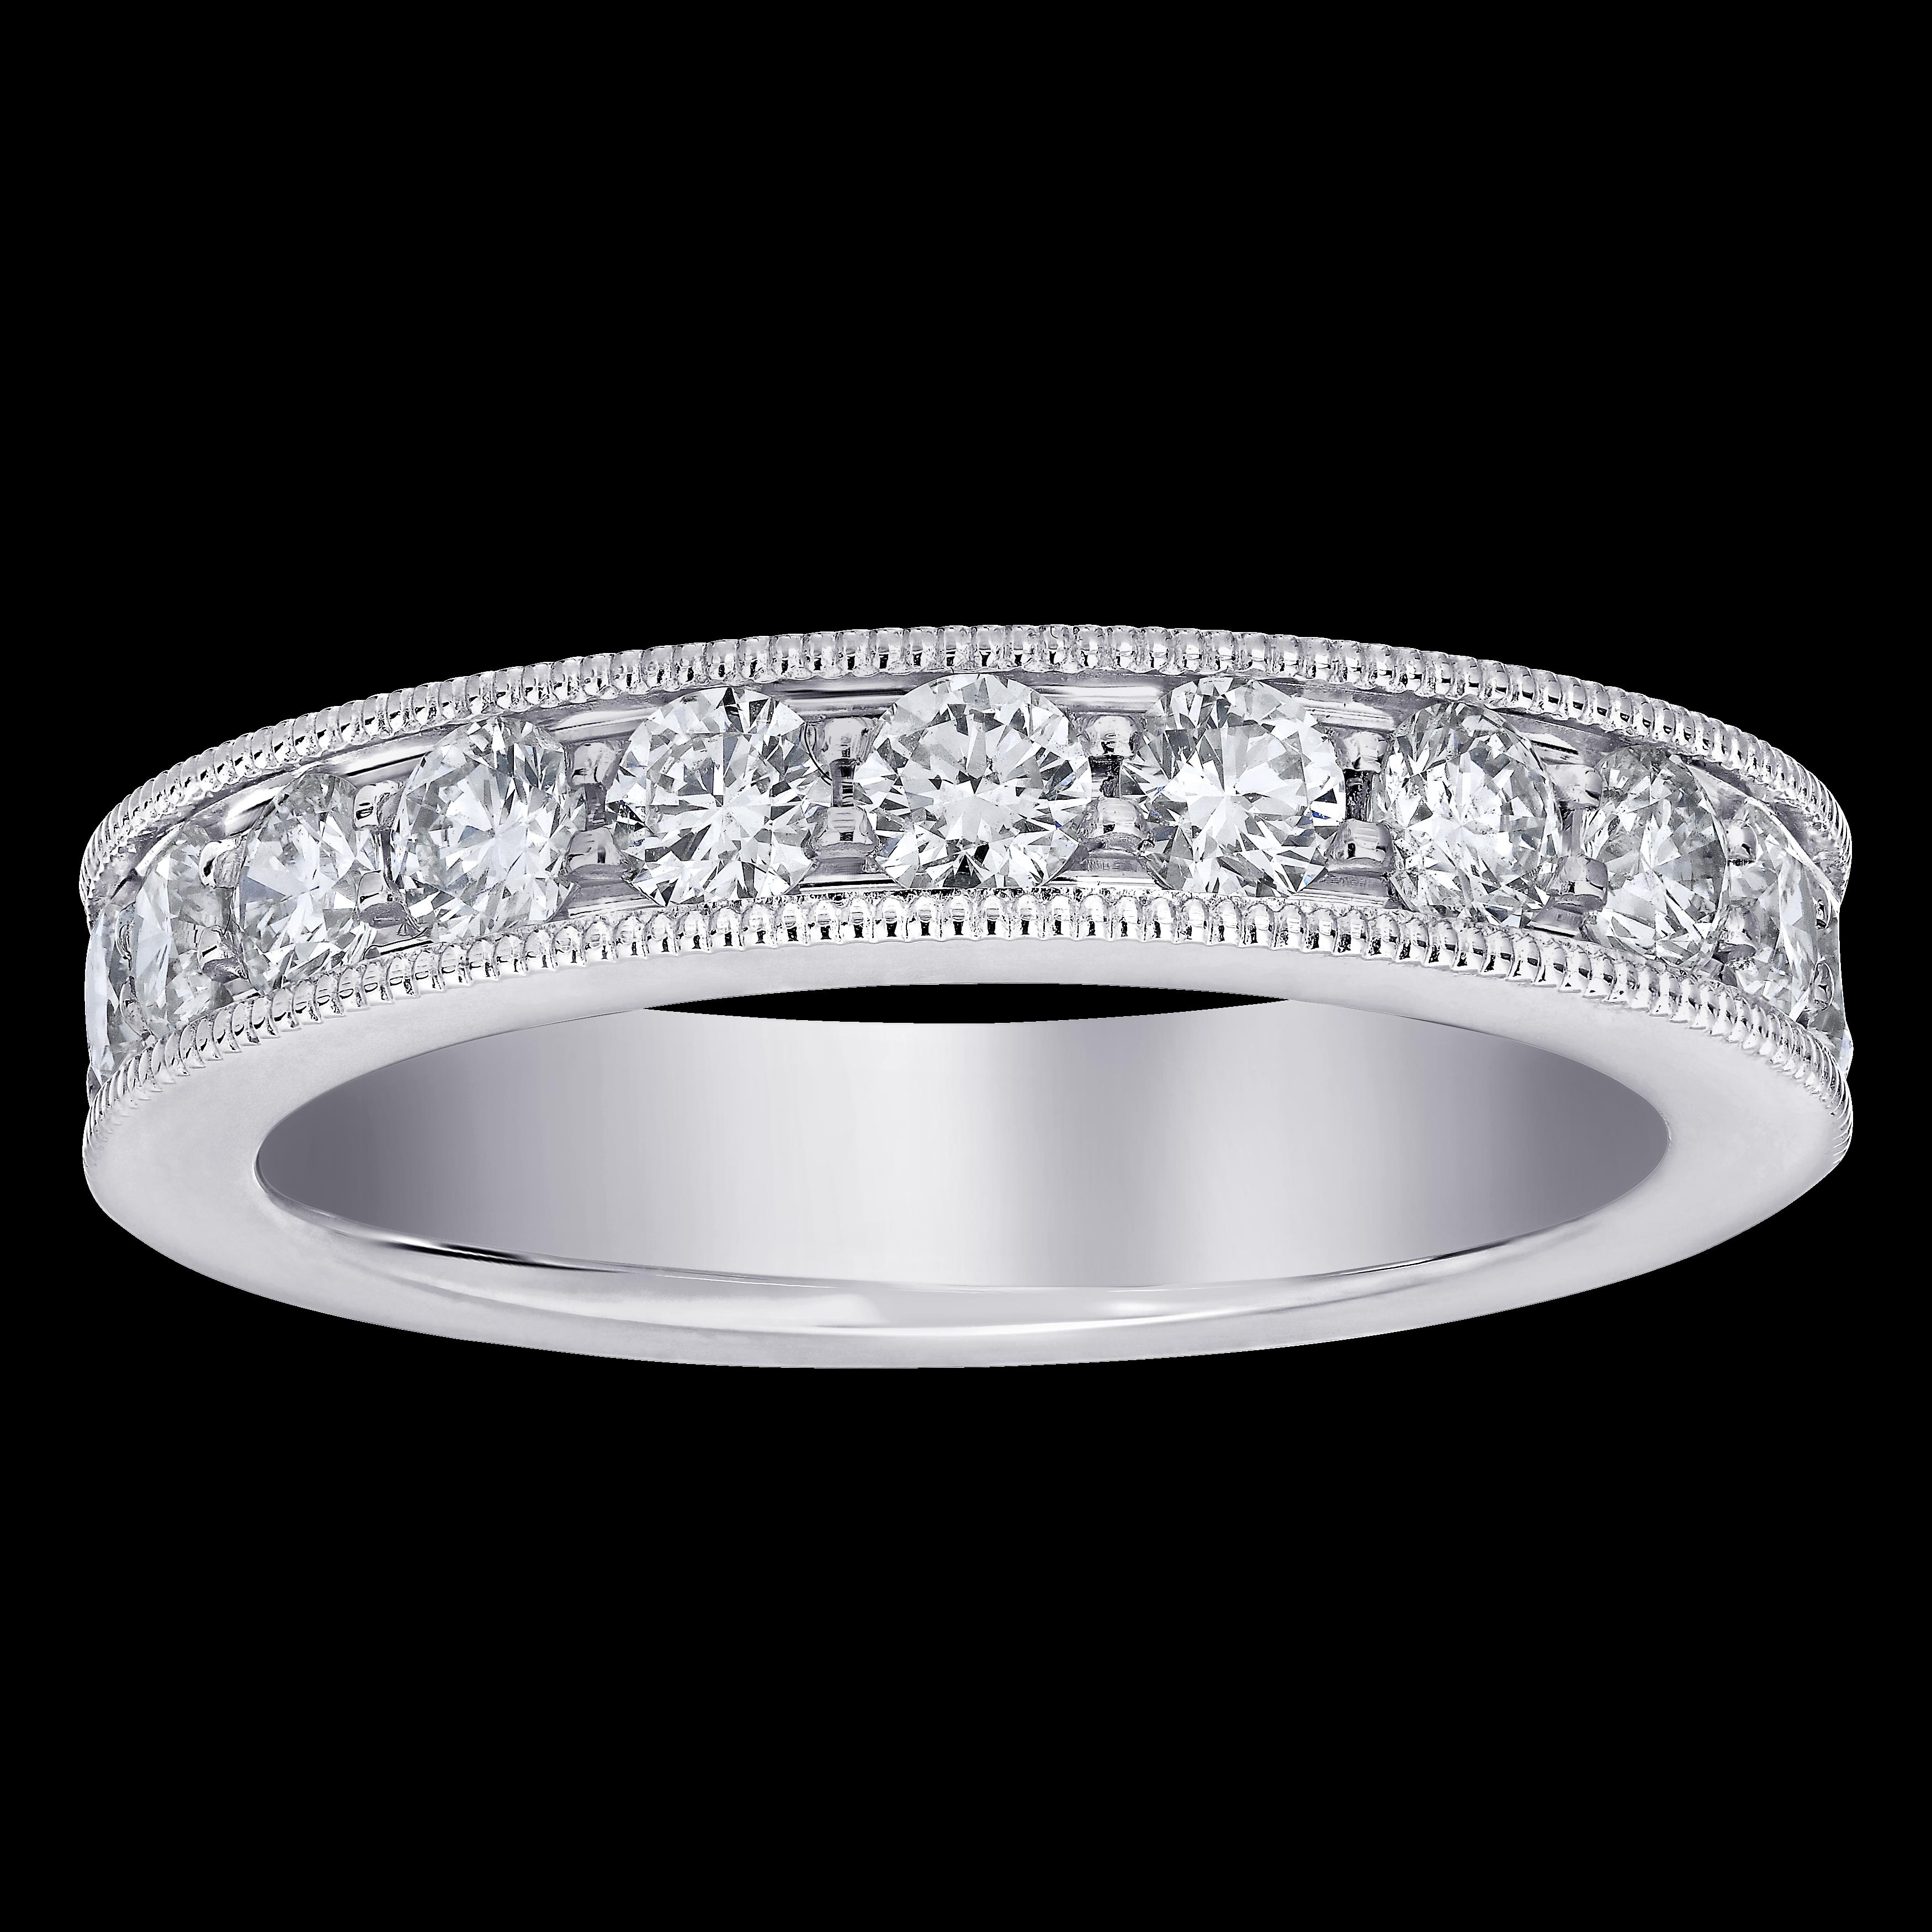 https://www.amidonjewelers.com/upload/product/242601EU2_a1c51ccd-8e89-4299-8a8c-2aab185d41ff.png